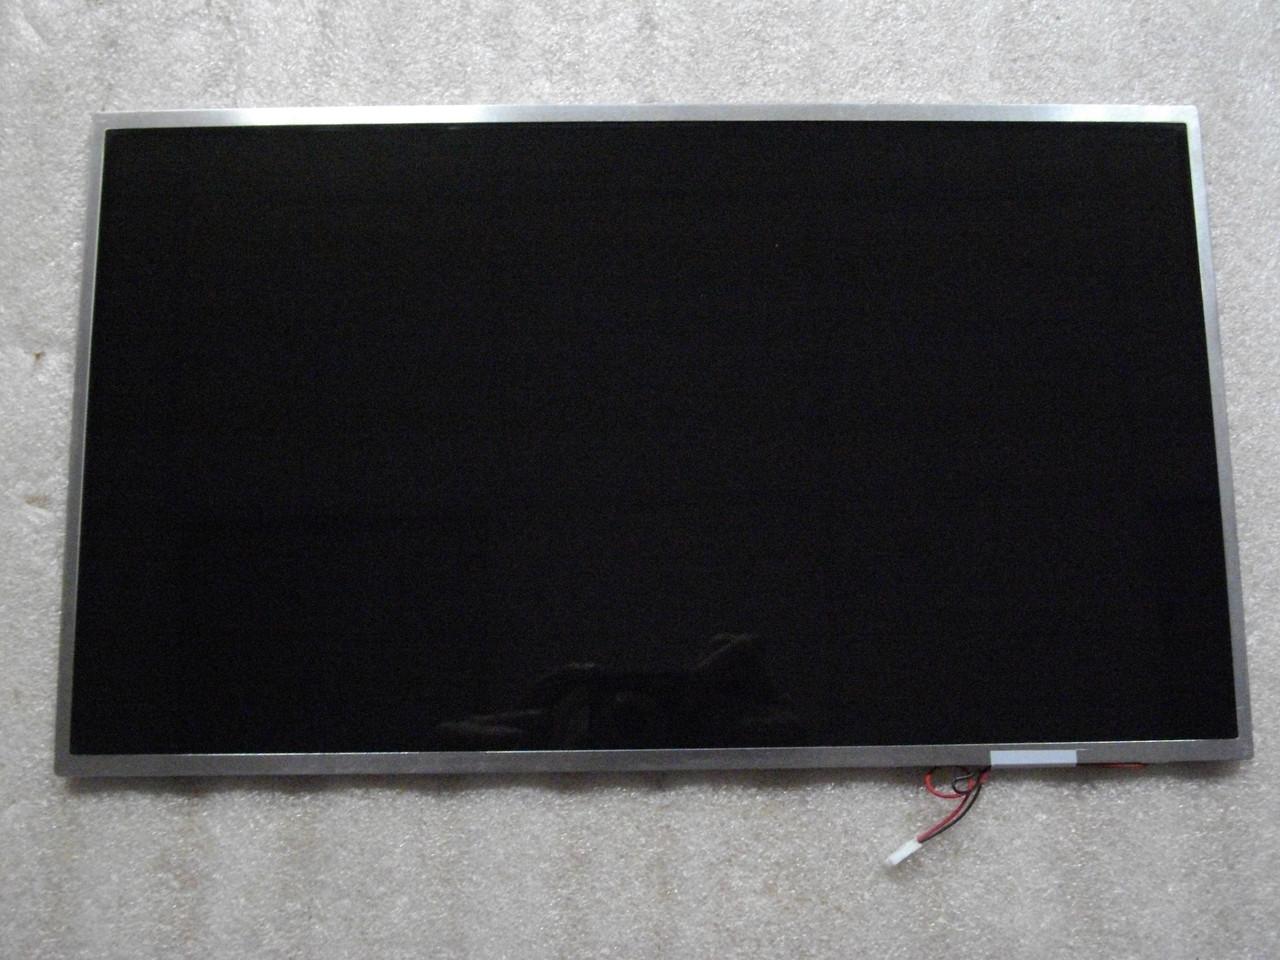 Экран матрица  LP156WH1 TLC1, LP156WH1 (TL)(C1) CCFL (ламповая) БУ рабочая.